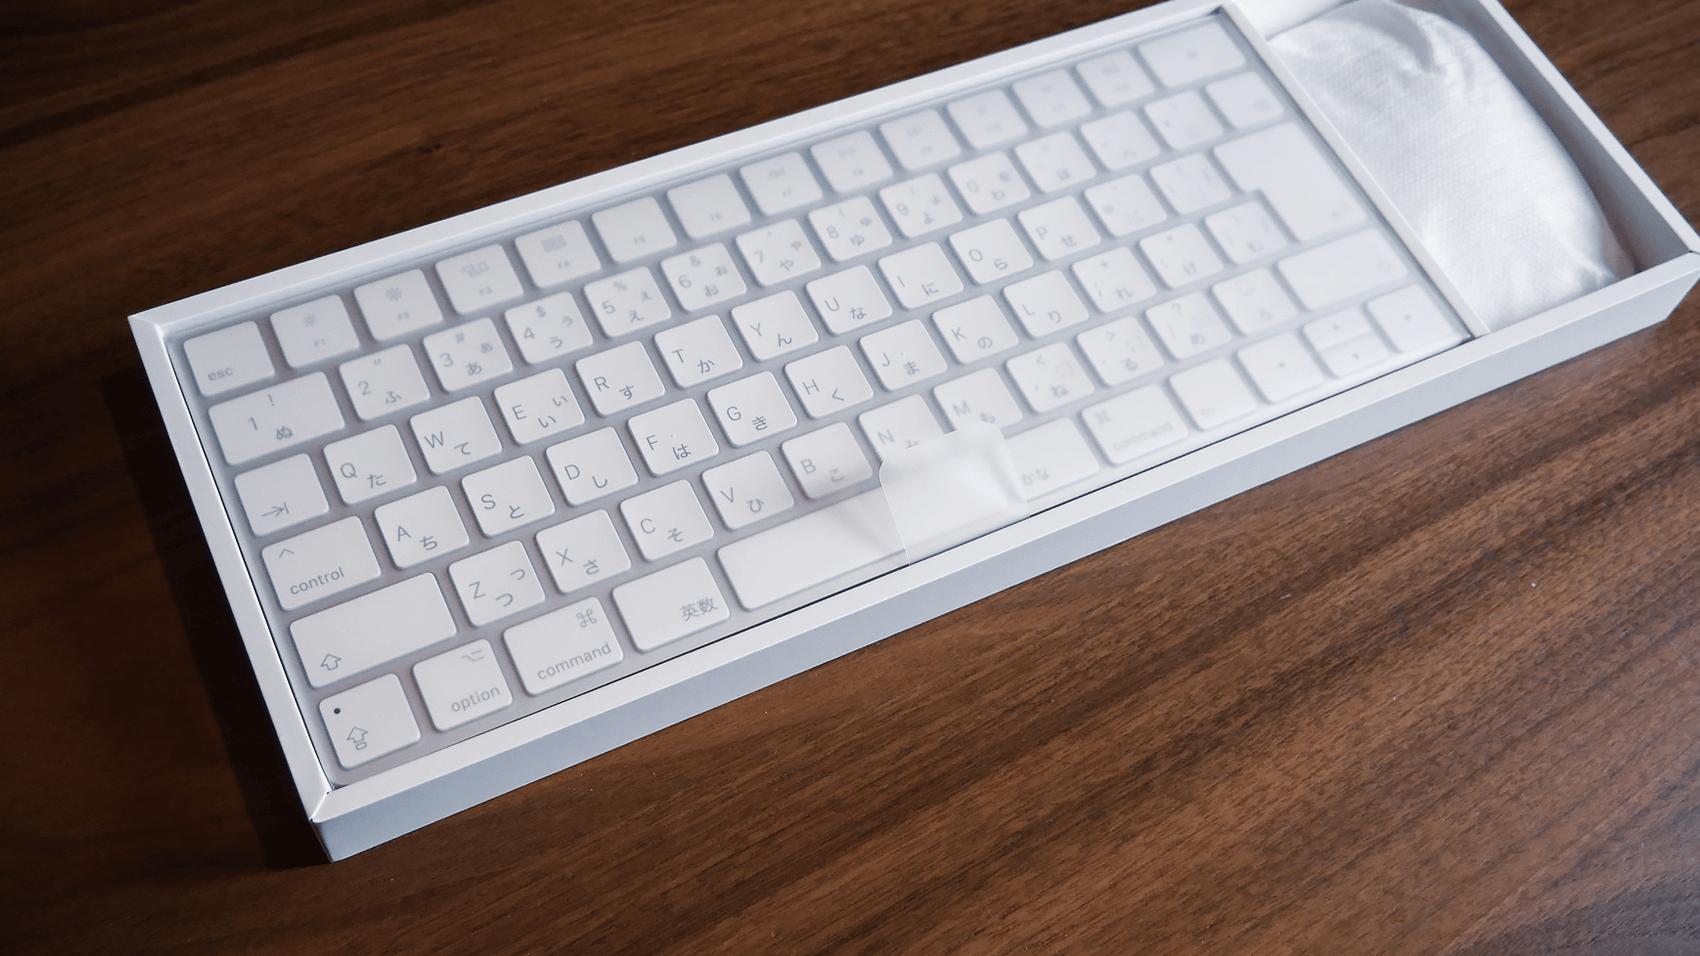 新しいキーボードとマウス